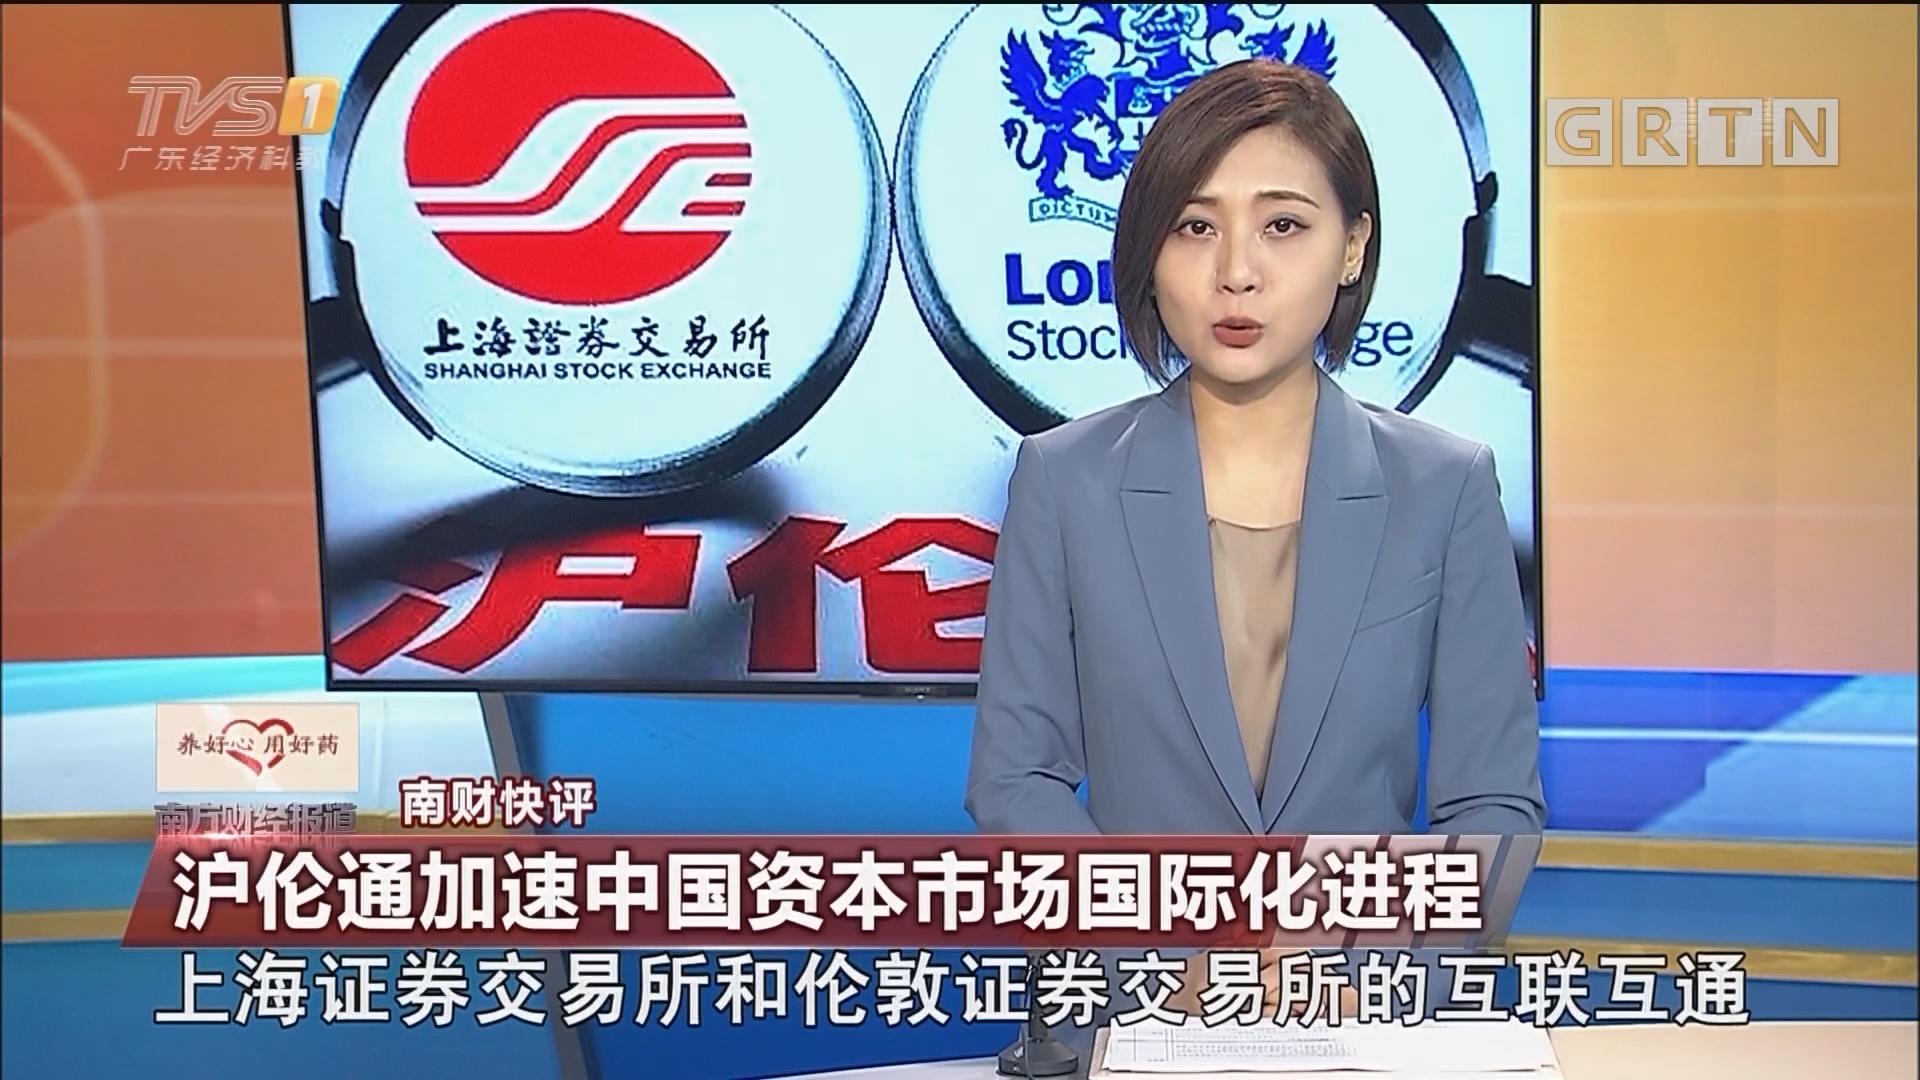 南财快评:沪伦通加速中国资本市场国际化进程